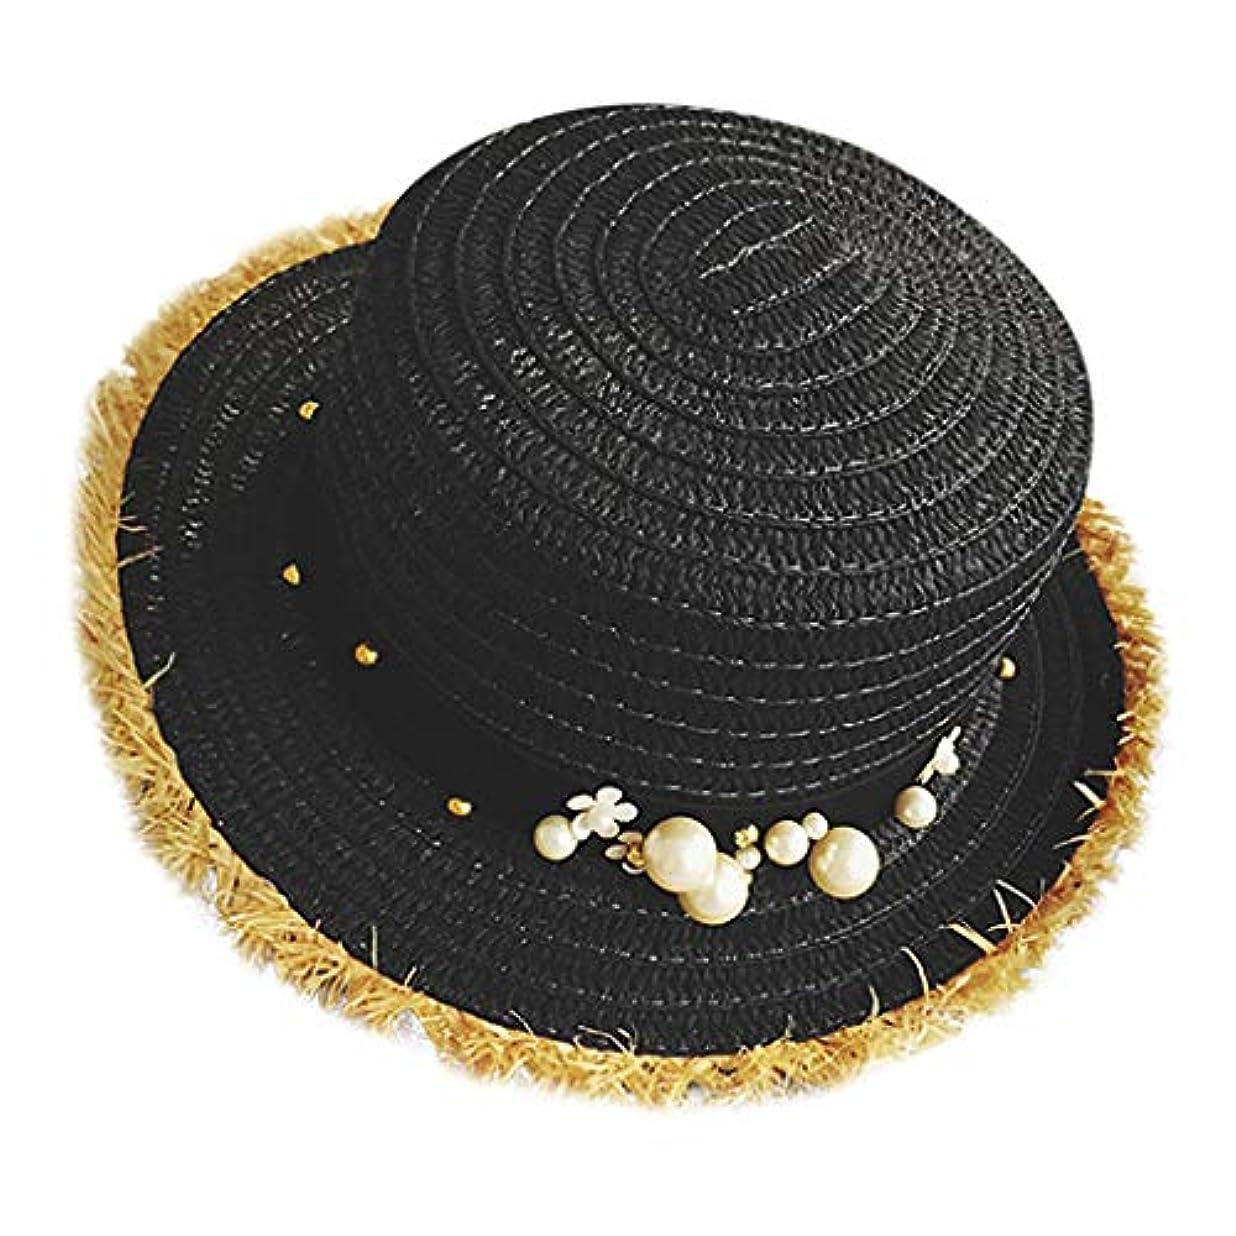 足音カウントアップ比率帽子 レディース UVカット 帽子 麦わら帽子 UV帽子 紫外線対策 通気性 漁師の帽子 ニット帽 マニュアル 真珠 太陽 キャップ 余暇 休暇 キャップ レディース ハンチング帽 大きいサイズ 発送 ROSE ROMAN